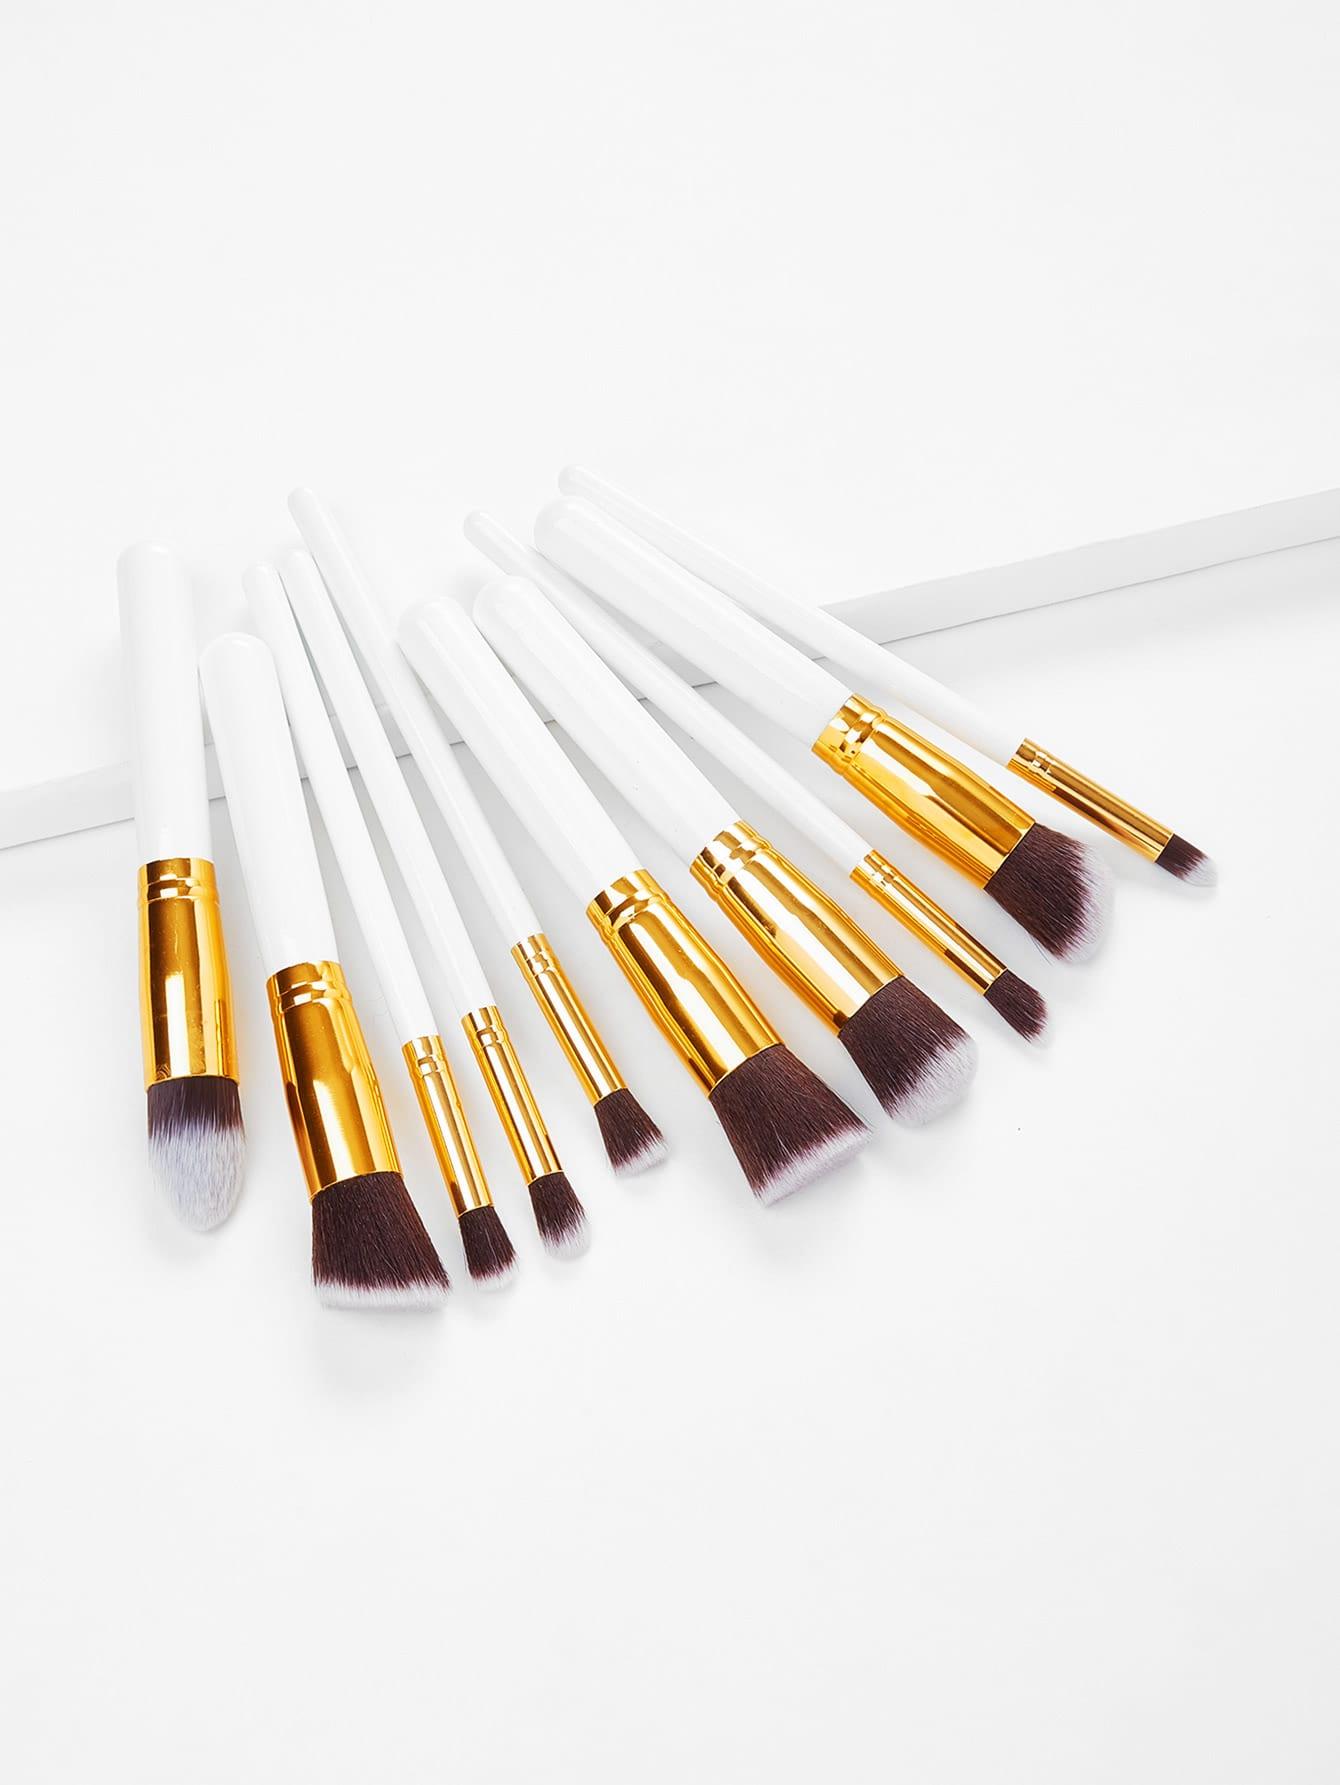 10PCS White Professional Makeup Brush Set